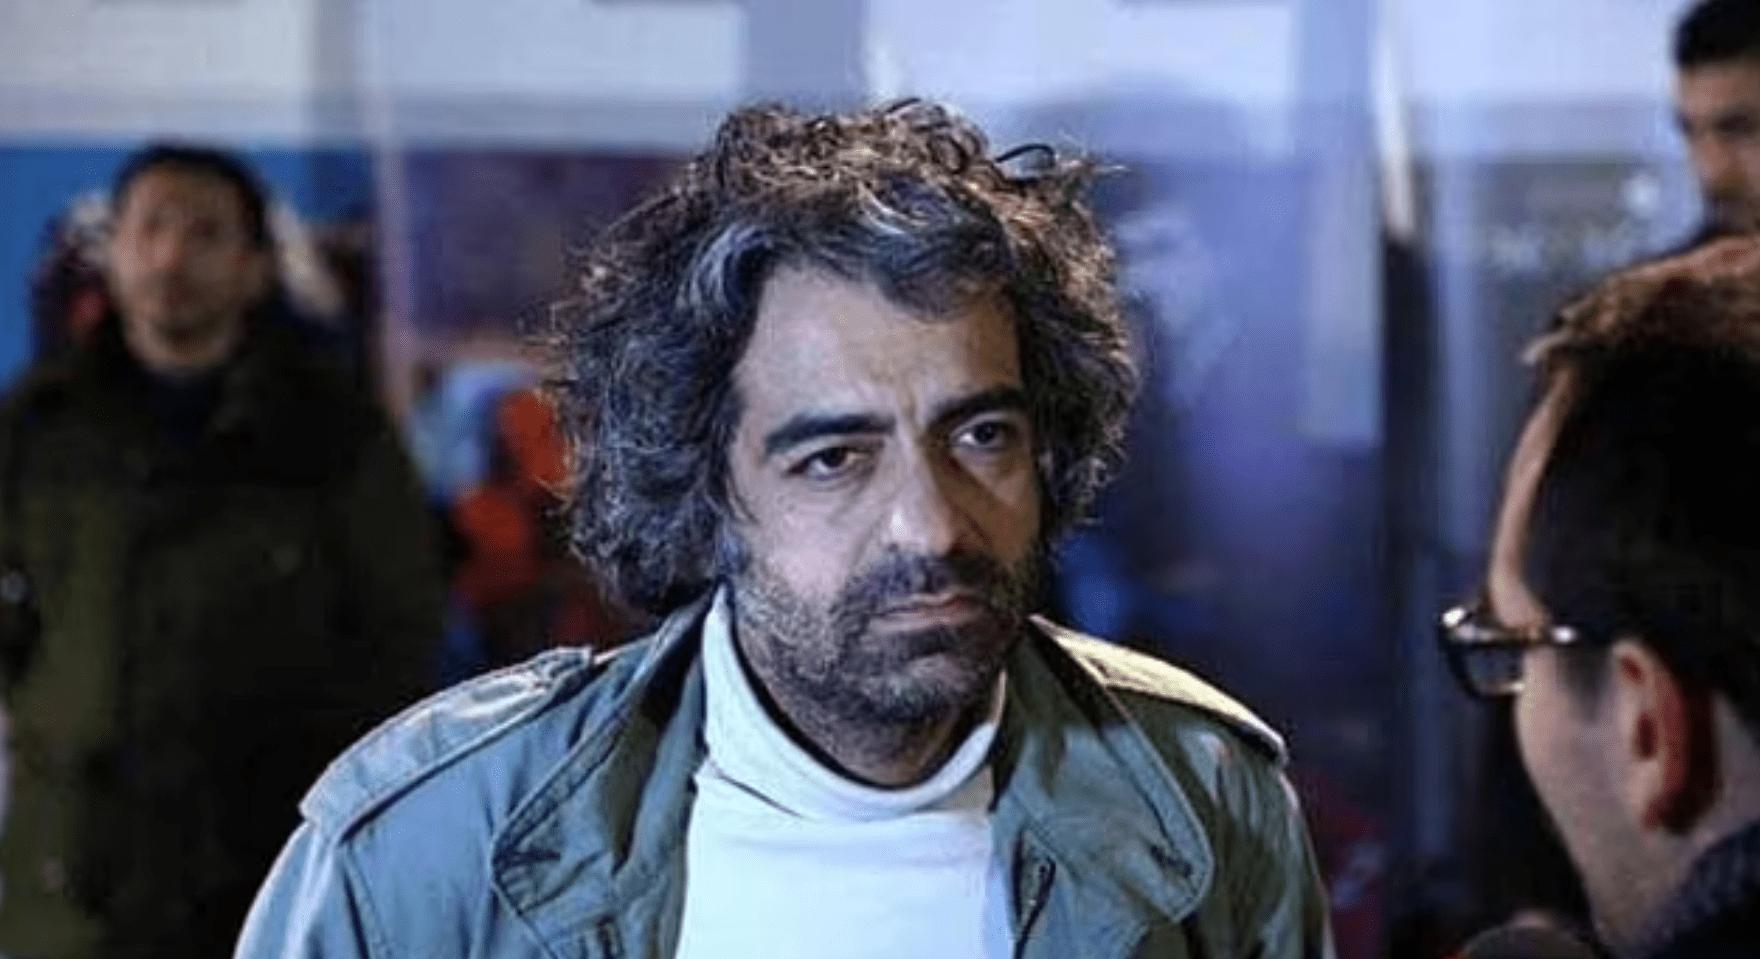 """鸿图2注册旅英伊朗导演因不结婚遭父母""""荣誉谋杀"""",肢解后弃尸垃圾堆"""